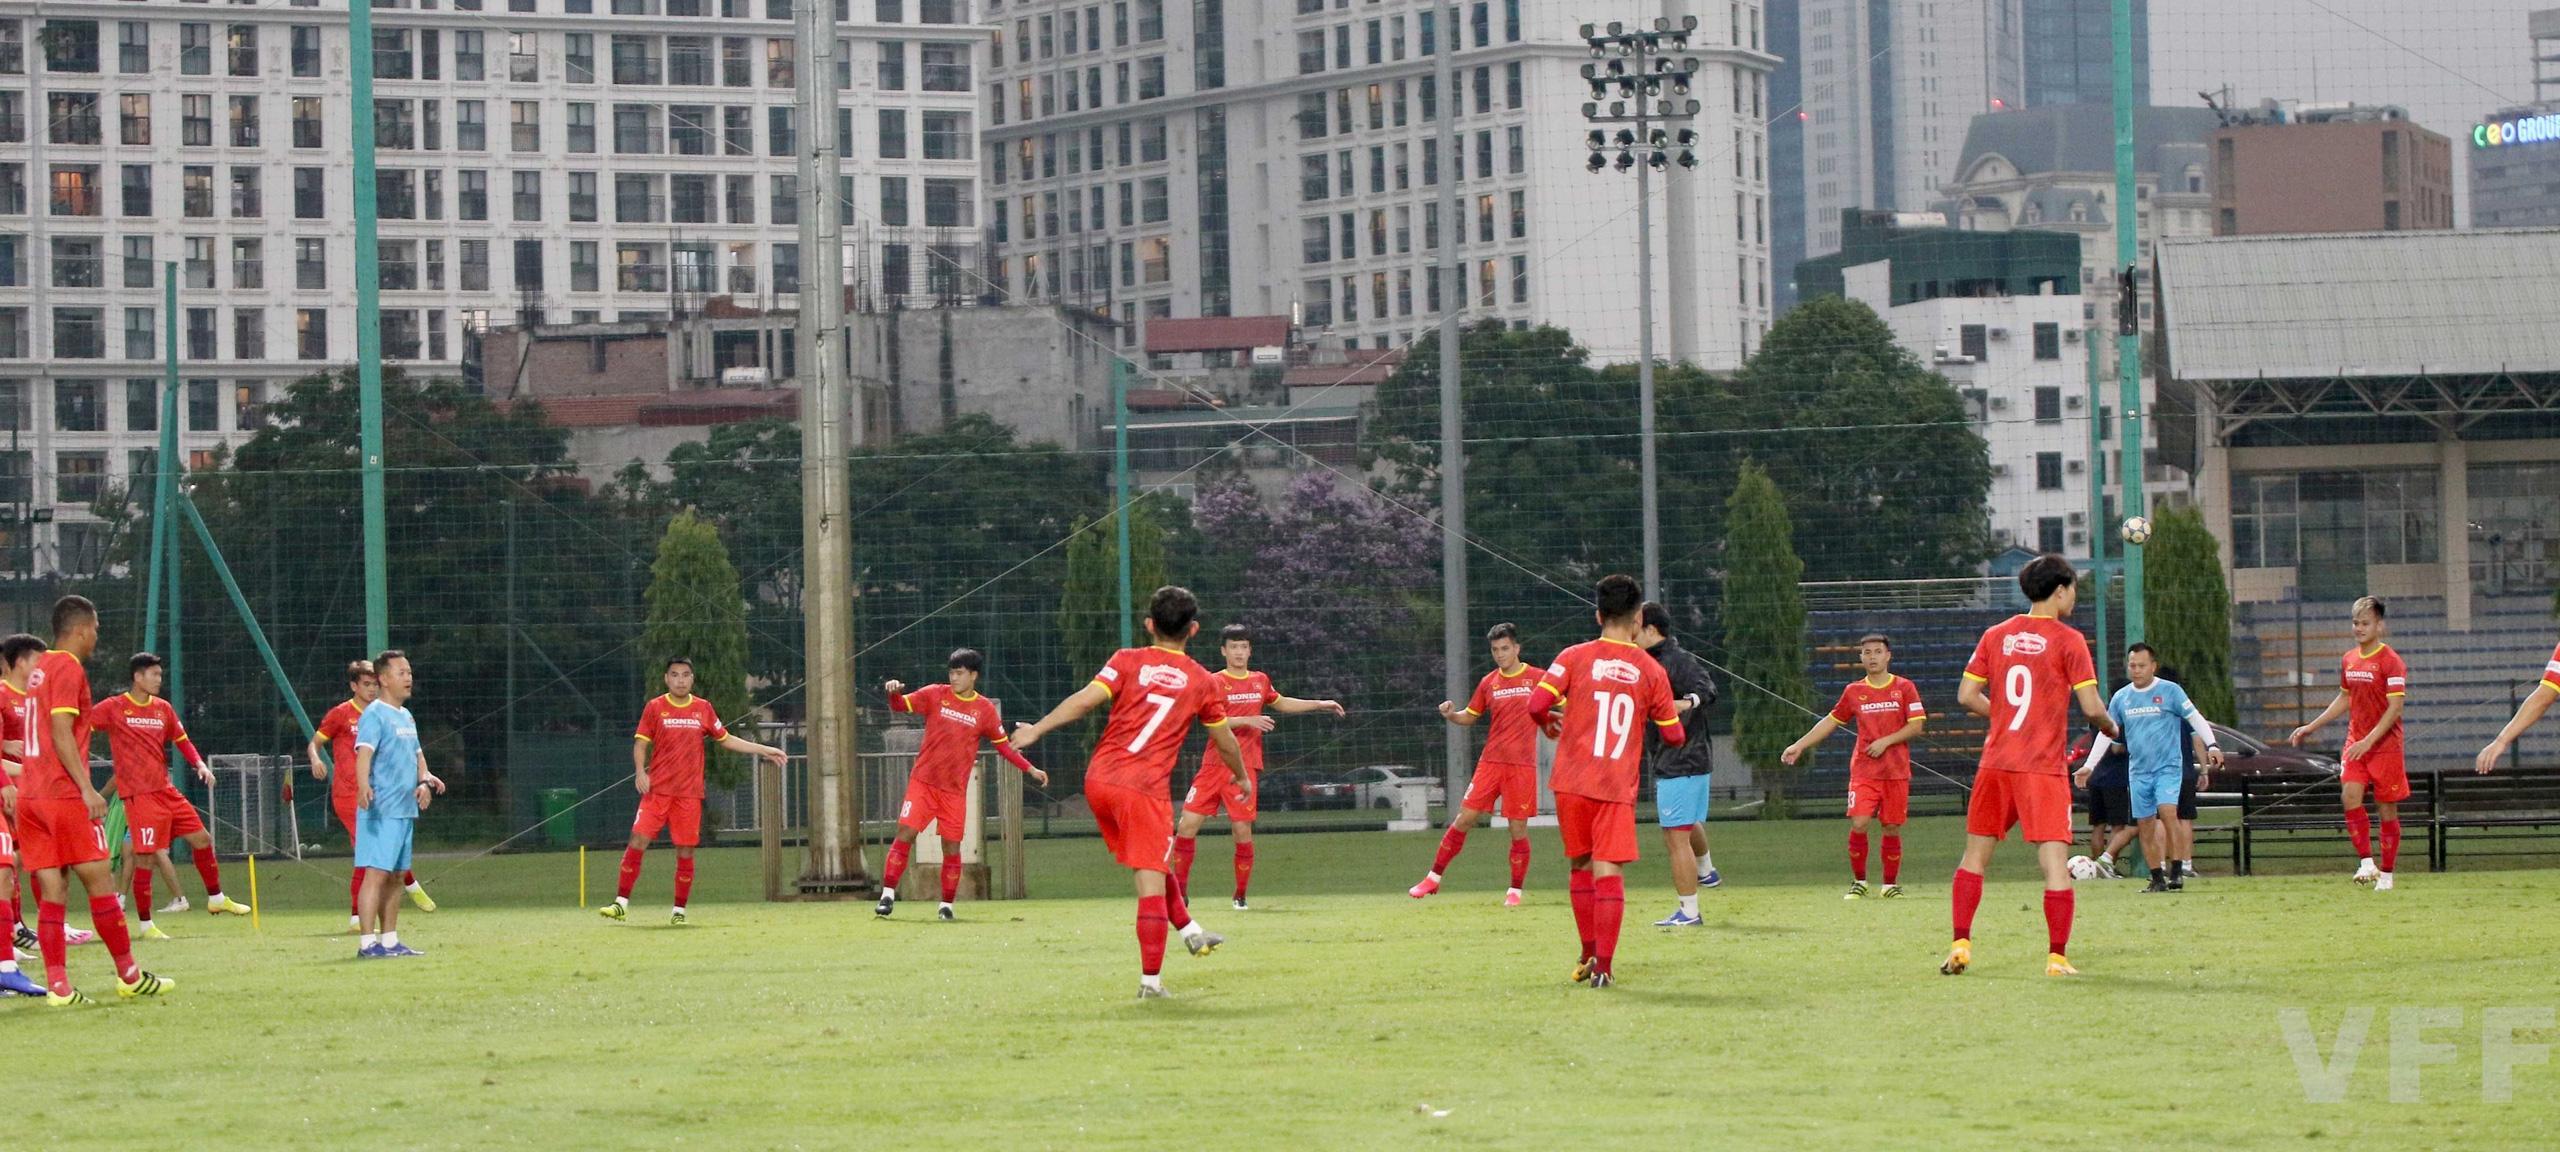 """HLV Park Hang-seo """"làm xiếc"""" với bóng khiến học trò ngỡ ngàng! - Ảnh 6."""